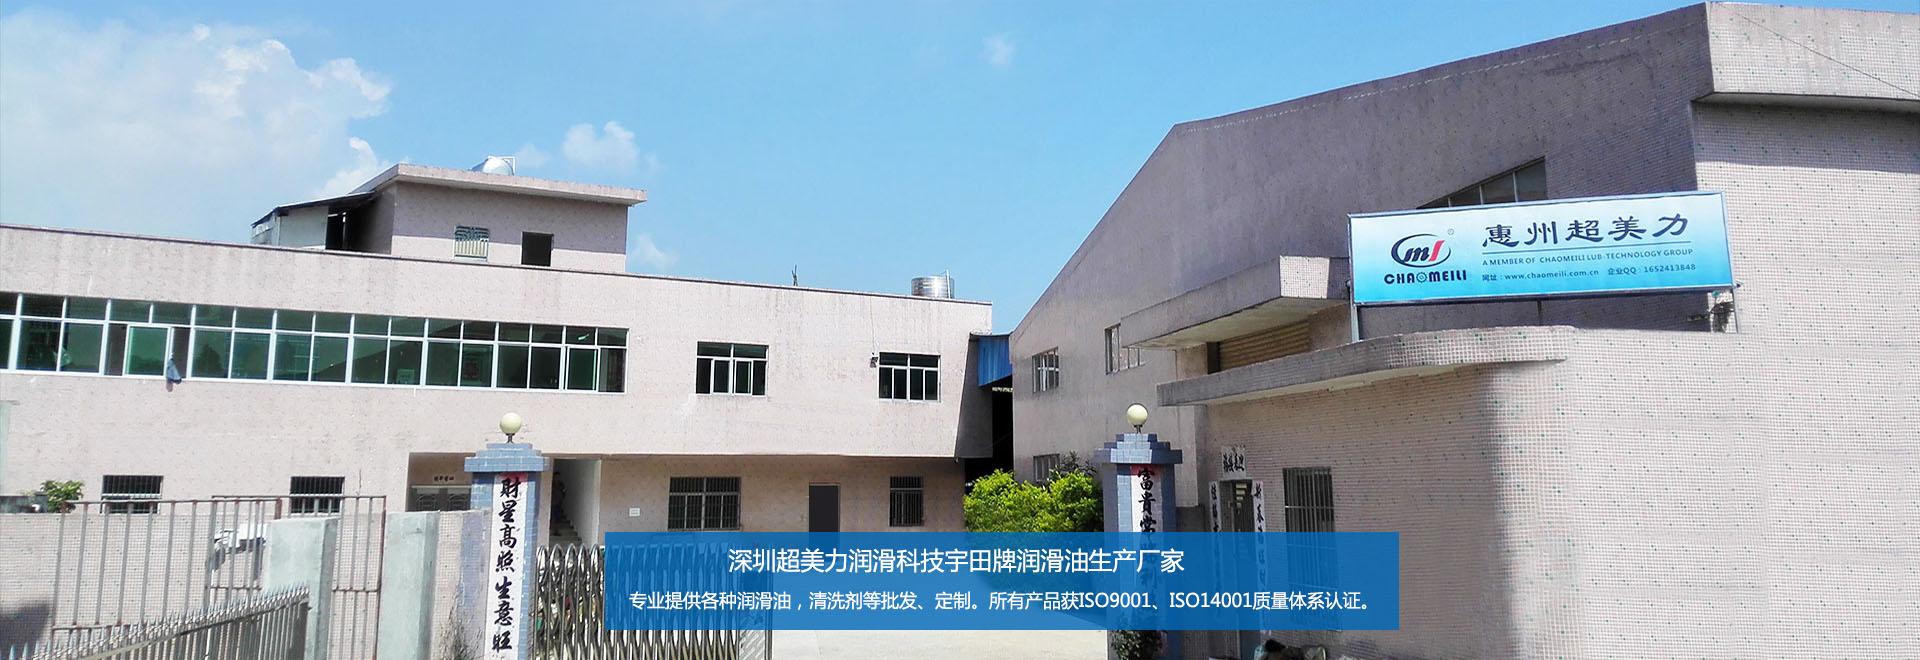 深圳市超美力润滑科技有限公司